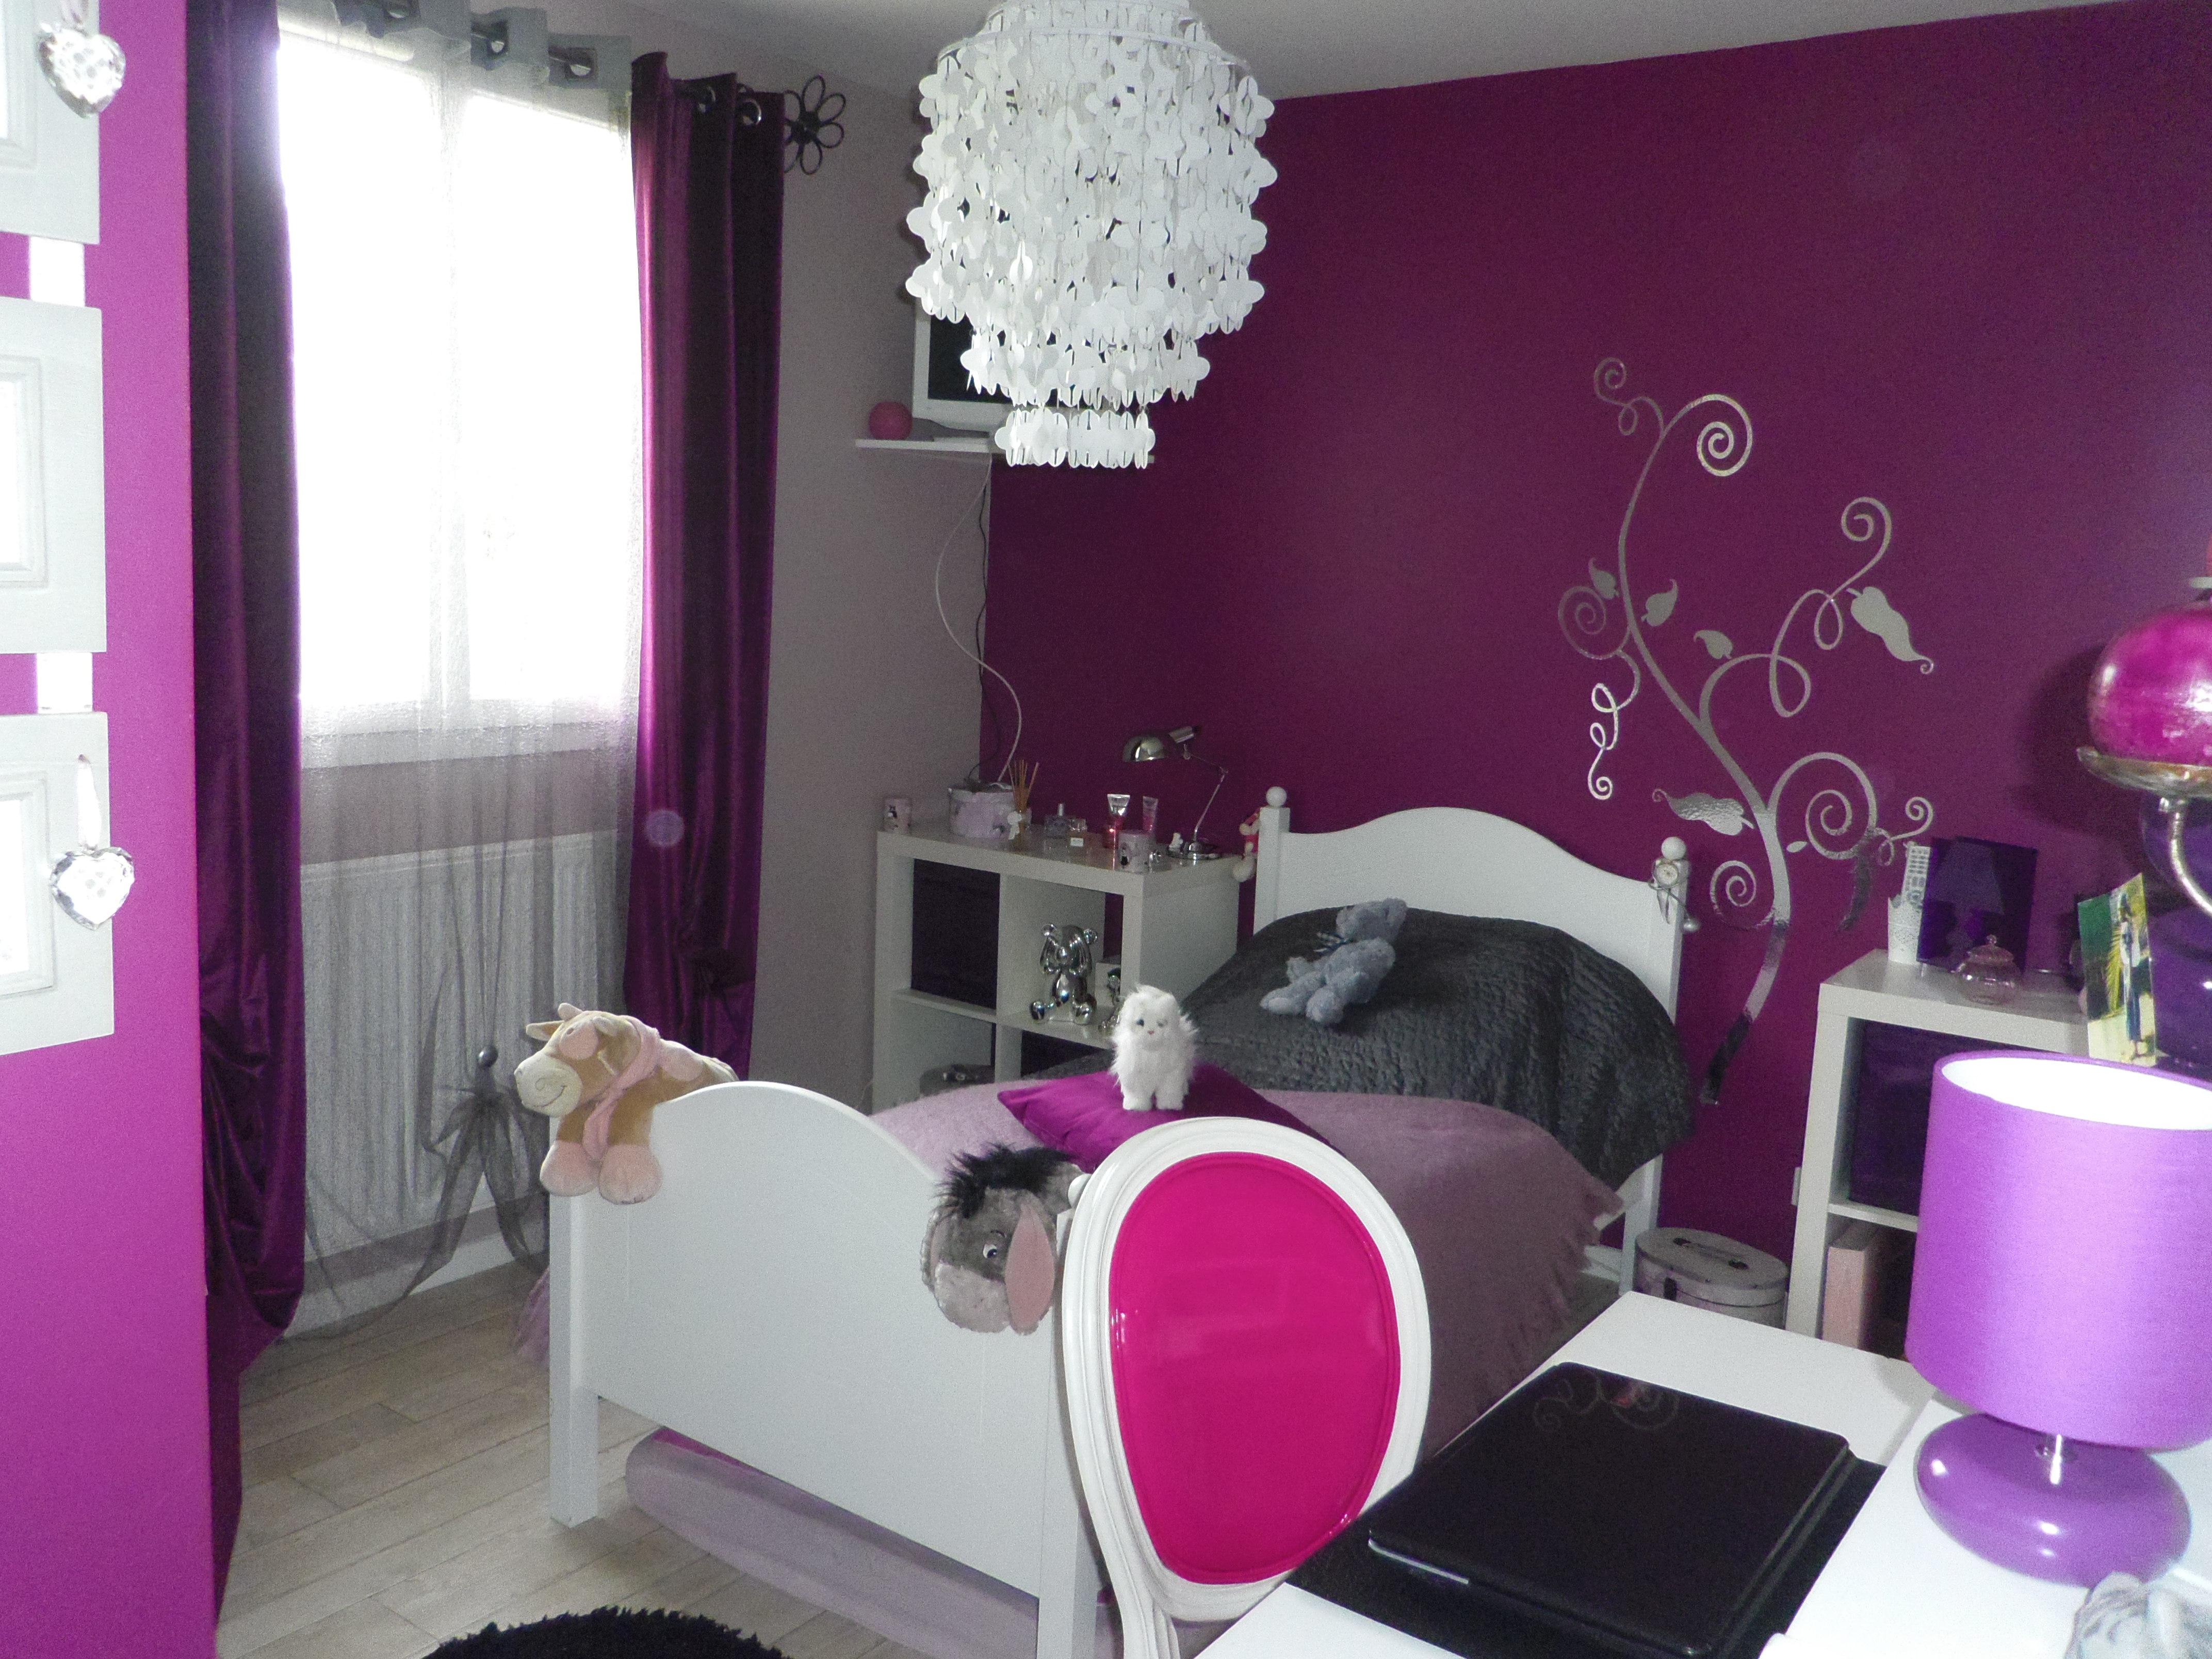 65 Impressionnant Images De Chambre Ado Fille Moderne 2013 Violet